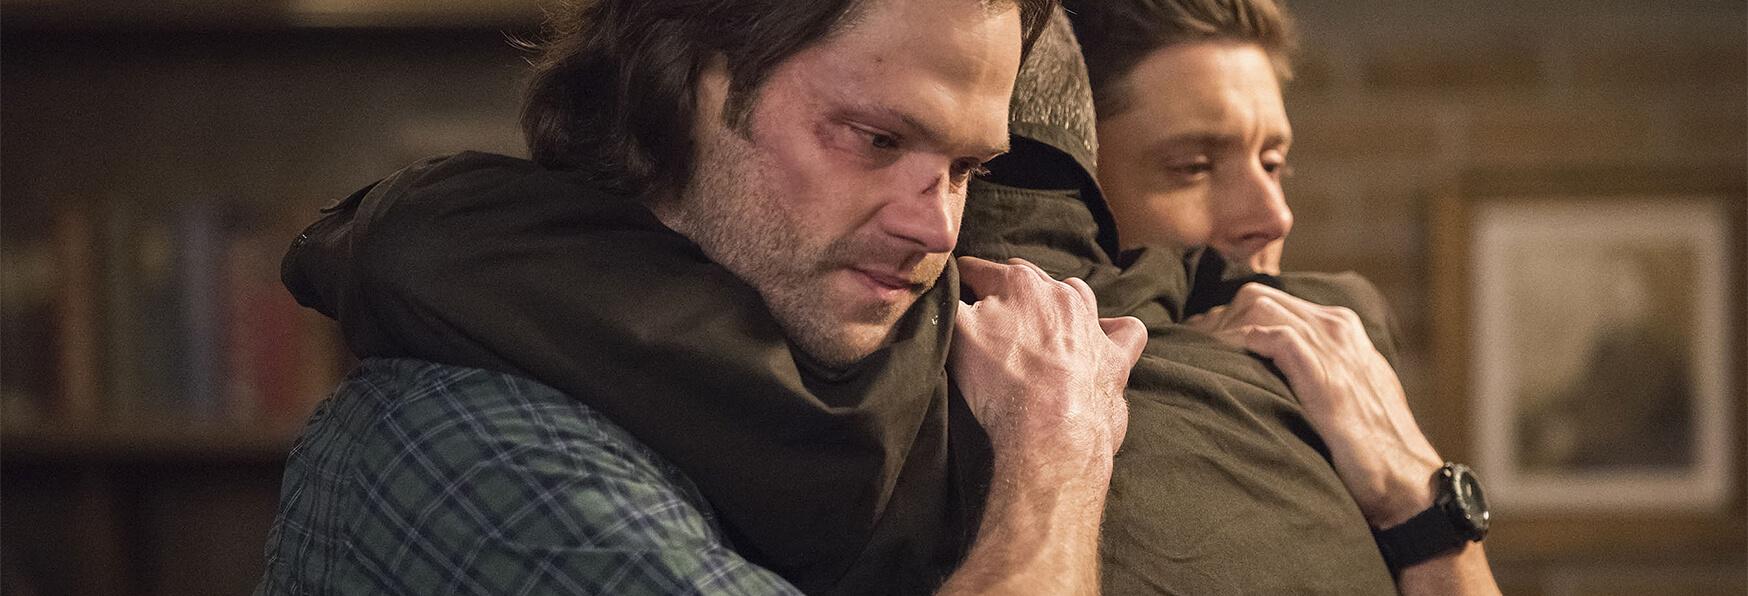 Supernatural: la Stagione 15 sarà l'Ultima della famosa Serie TV Fantasy/Horror